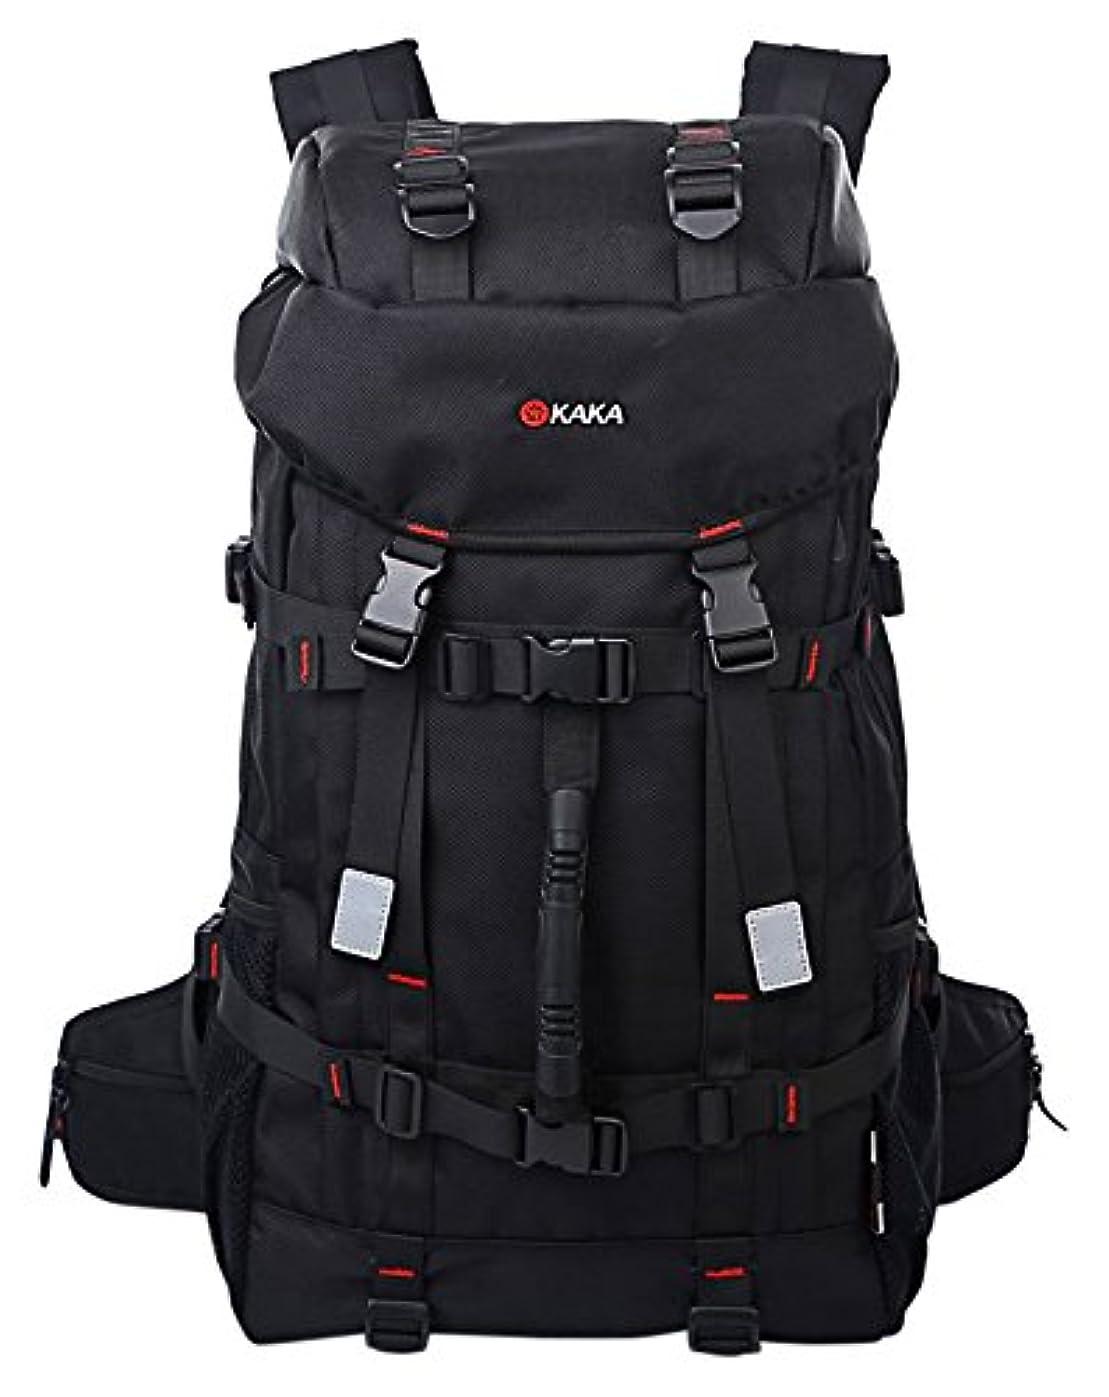 記念碑的な罪人きしむWOLFOUTDOOR アウトドア 登山用バッグ 45L オックスフォード ブラック 通気性 抜群 登山 旅行バッグ